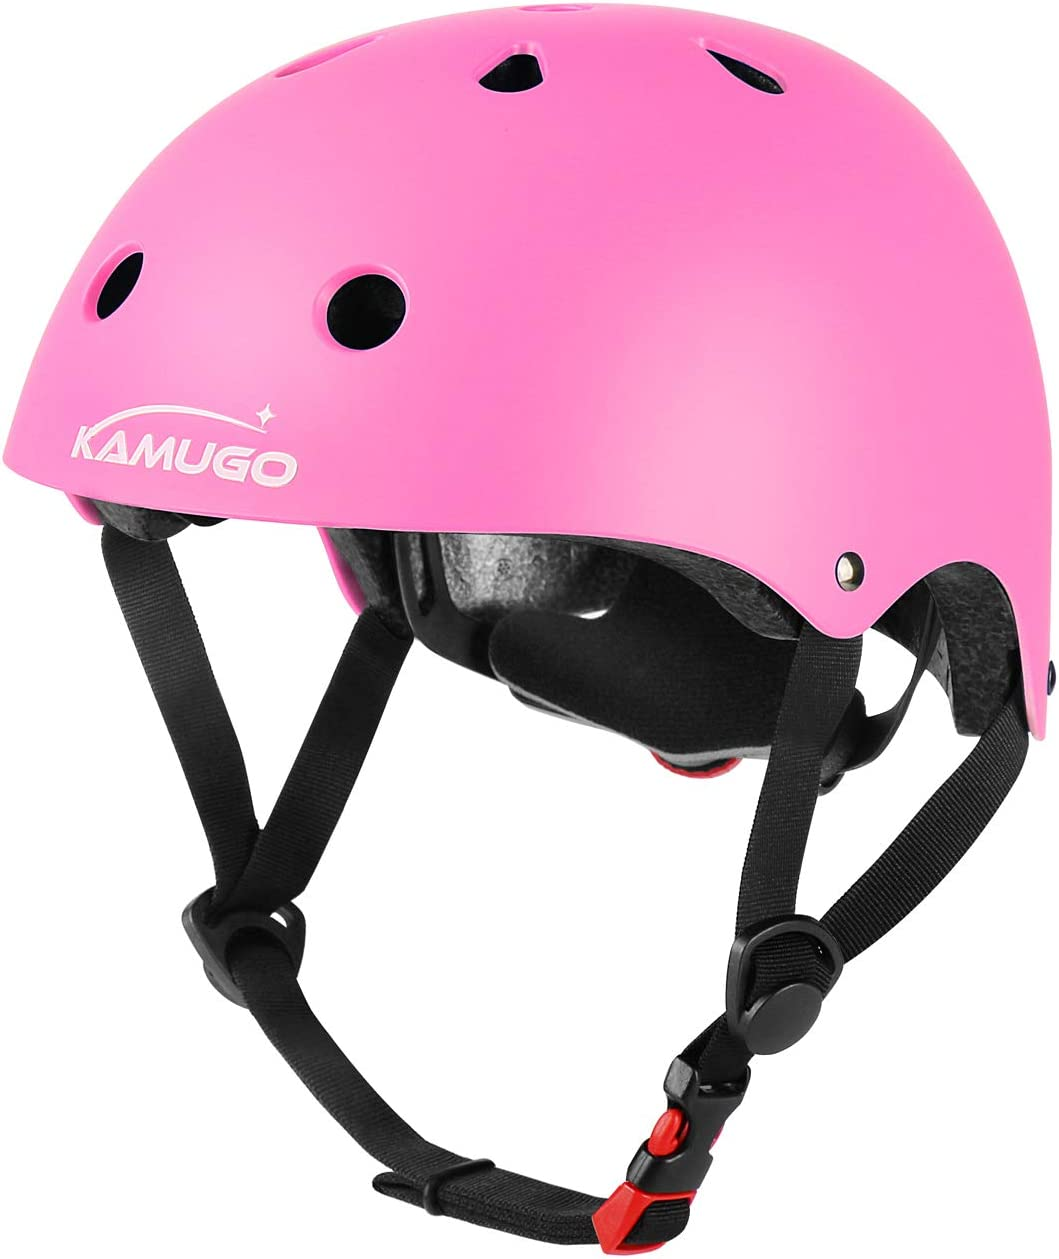 Kamugo Kids Helmet